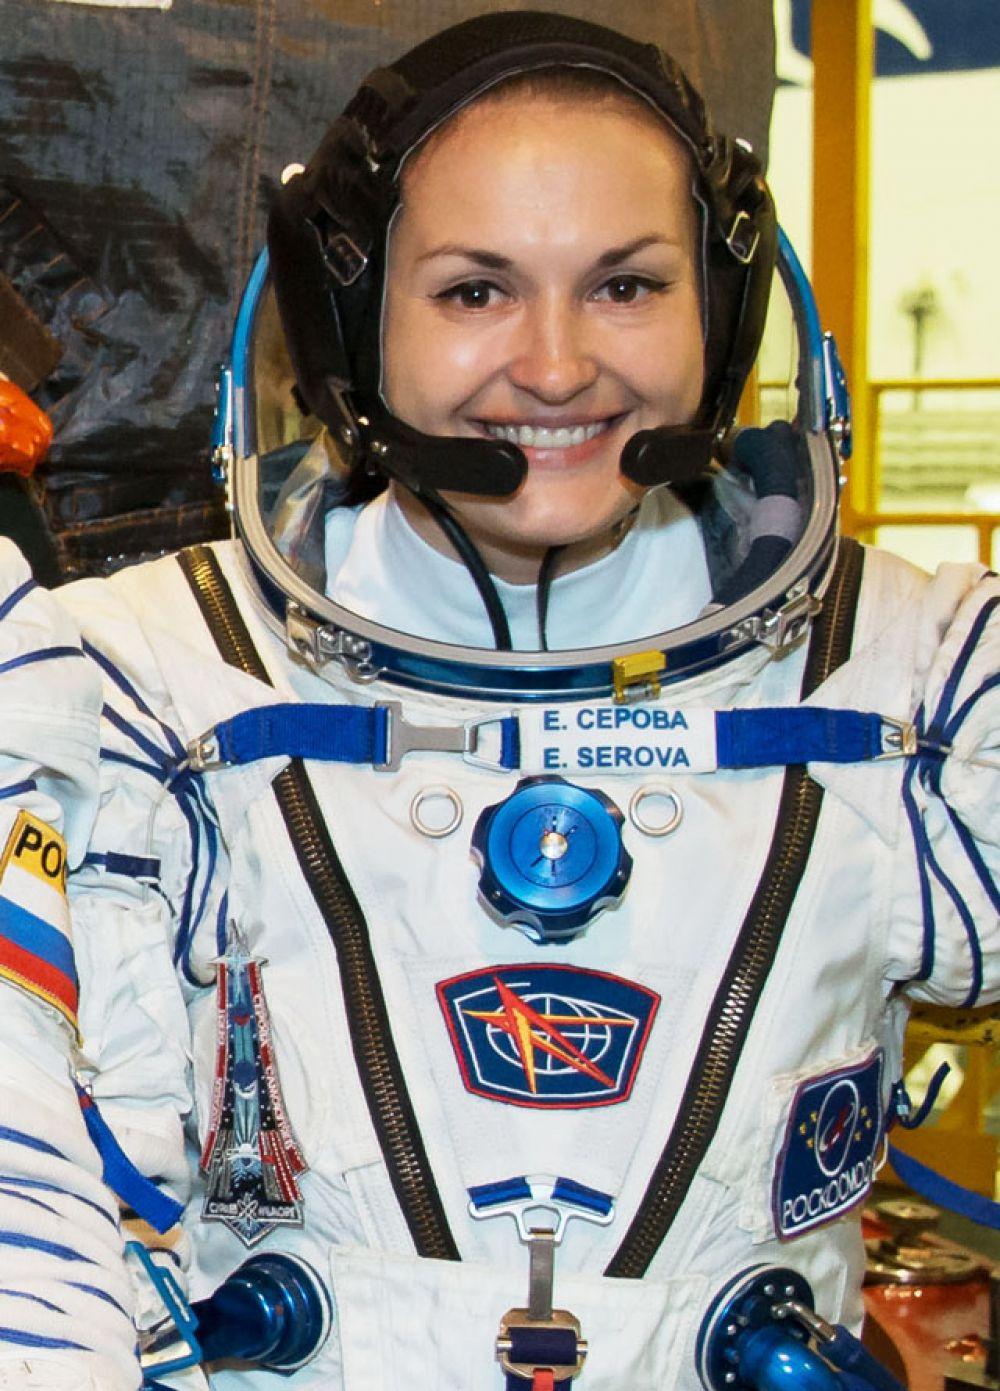 Космонавт-испытатель Елена Серова.